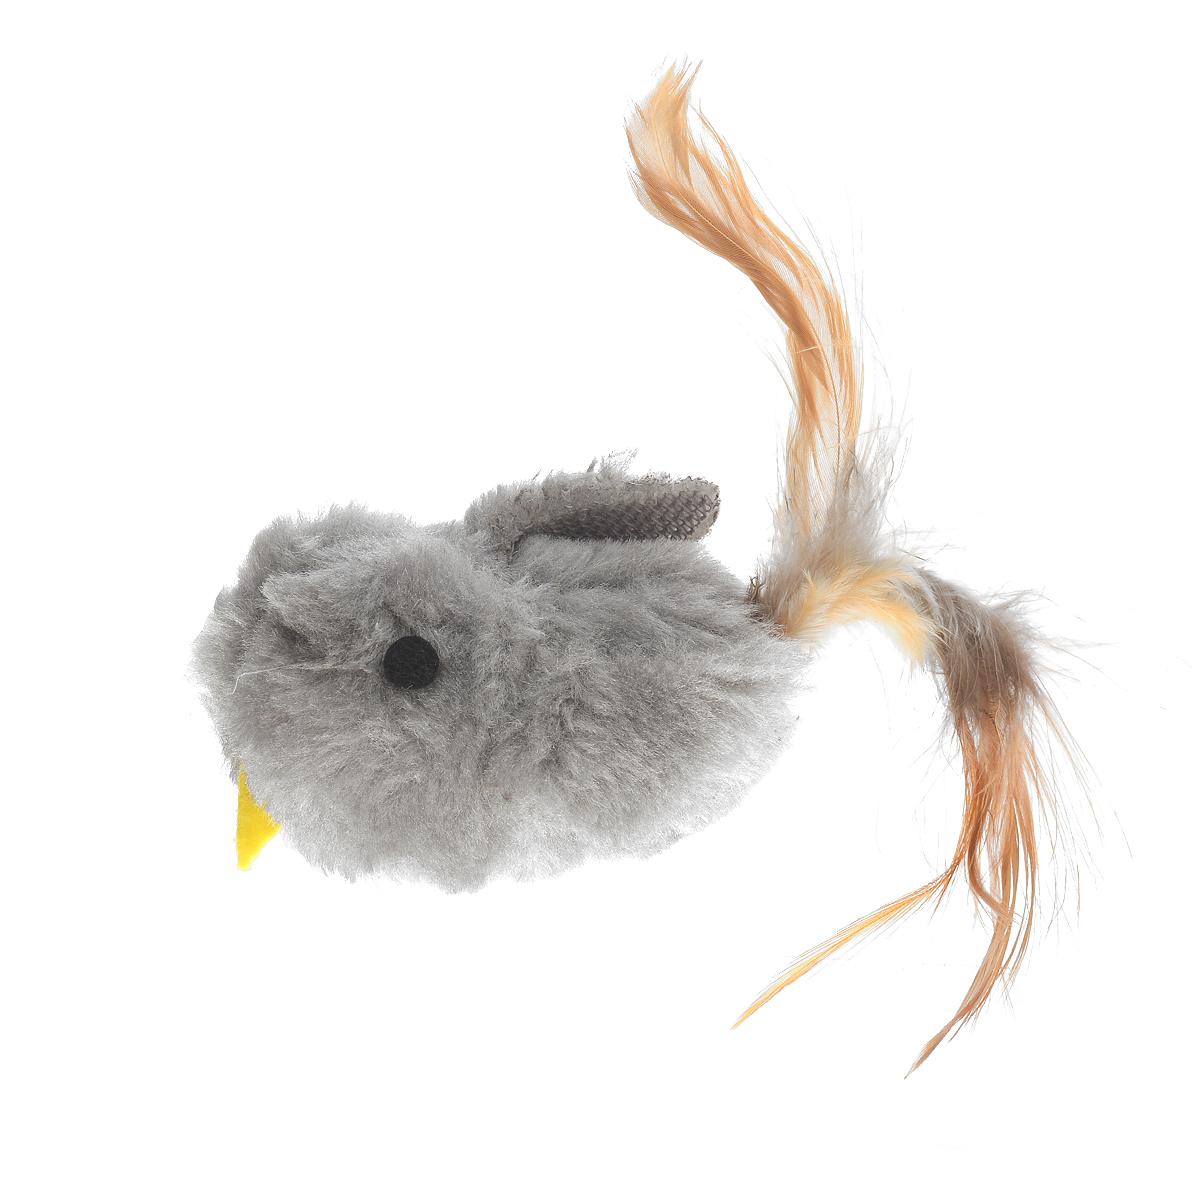 Игрушка для кошки V.I.Pet Птичка, с мятой, цвет: серыйC-103Игрушка V.I.Pet Птичка, изготовленная из текстиля, наполнена кошачьей мятой (котовником) - растением, запах которого делает кошку более игривой. Очень агрессивные кошки становятся спокойными и уравновешенными. С помощью этой игрушки кошка легко перенесет путешествие на автомобиле, посещение ветеринарного врача или переезд животного на новую квартиру.